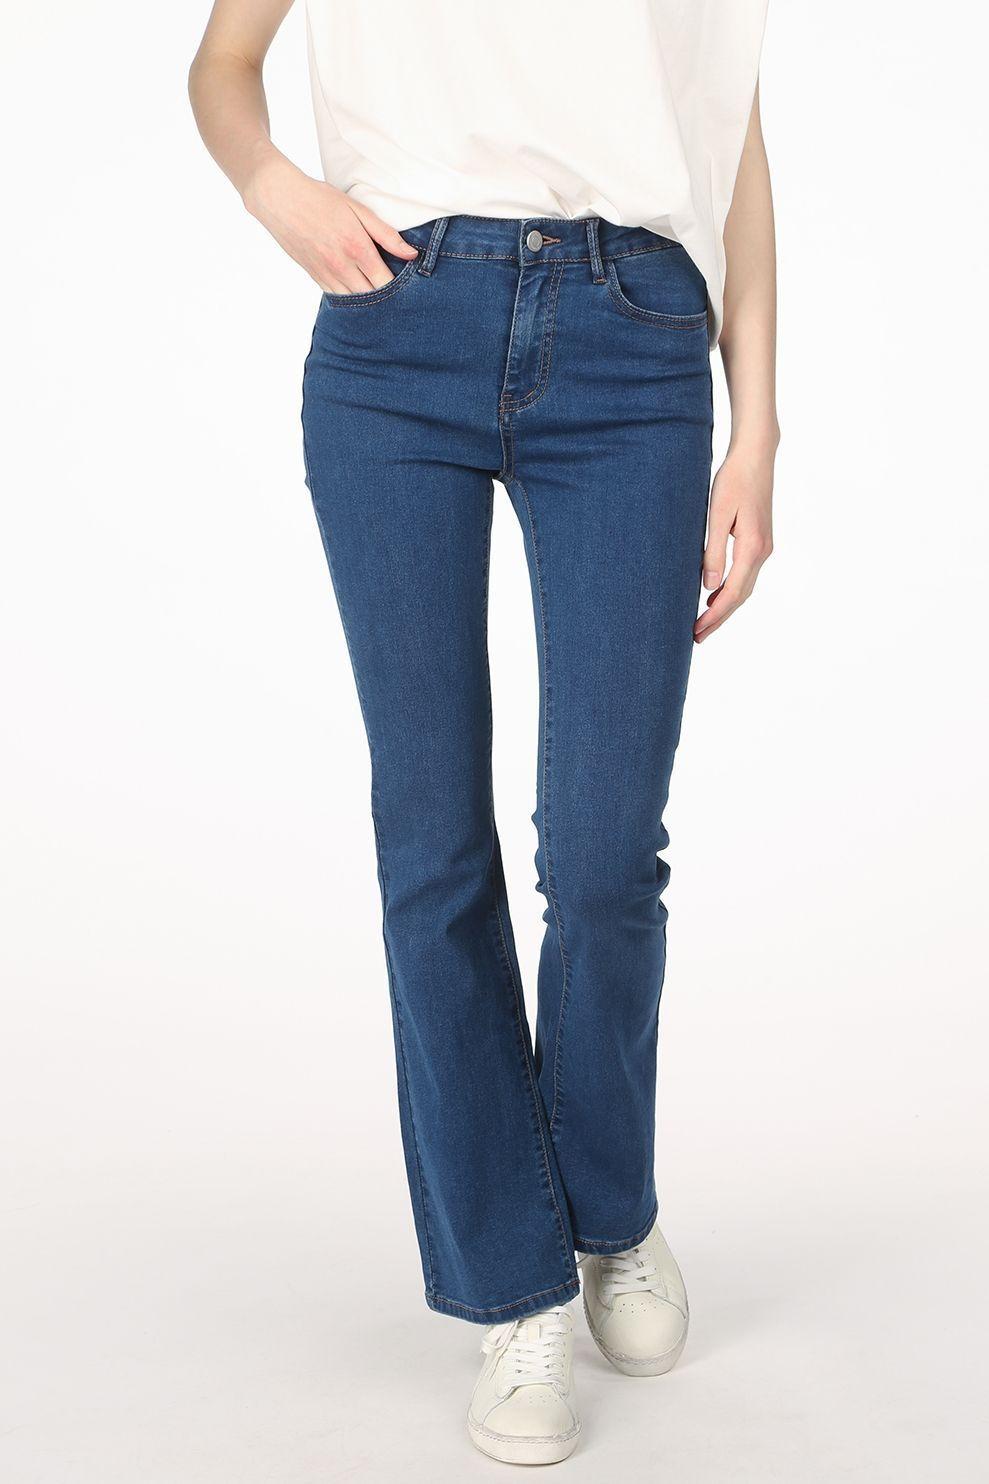 VILA Jeans Viulrika Rw Flared Mbd voor dames - Blauw - Maten: 36/32, 38/32, 40/32, 42/32